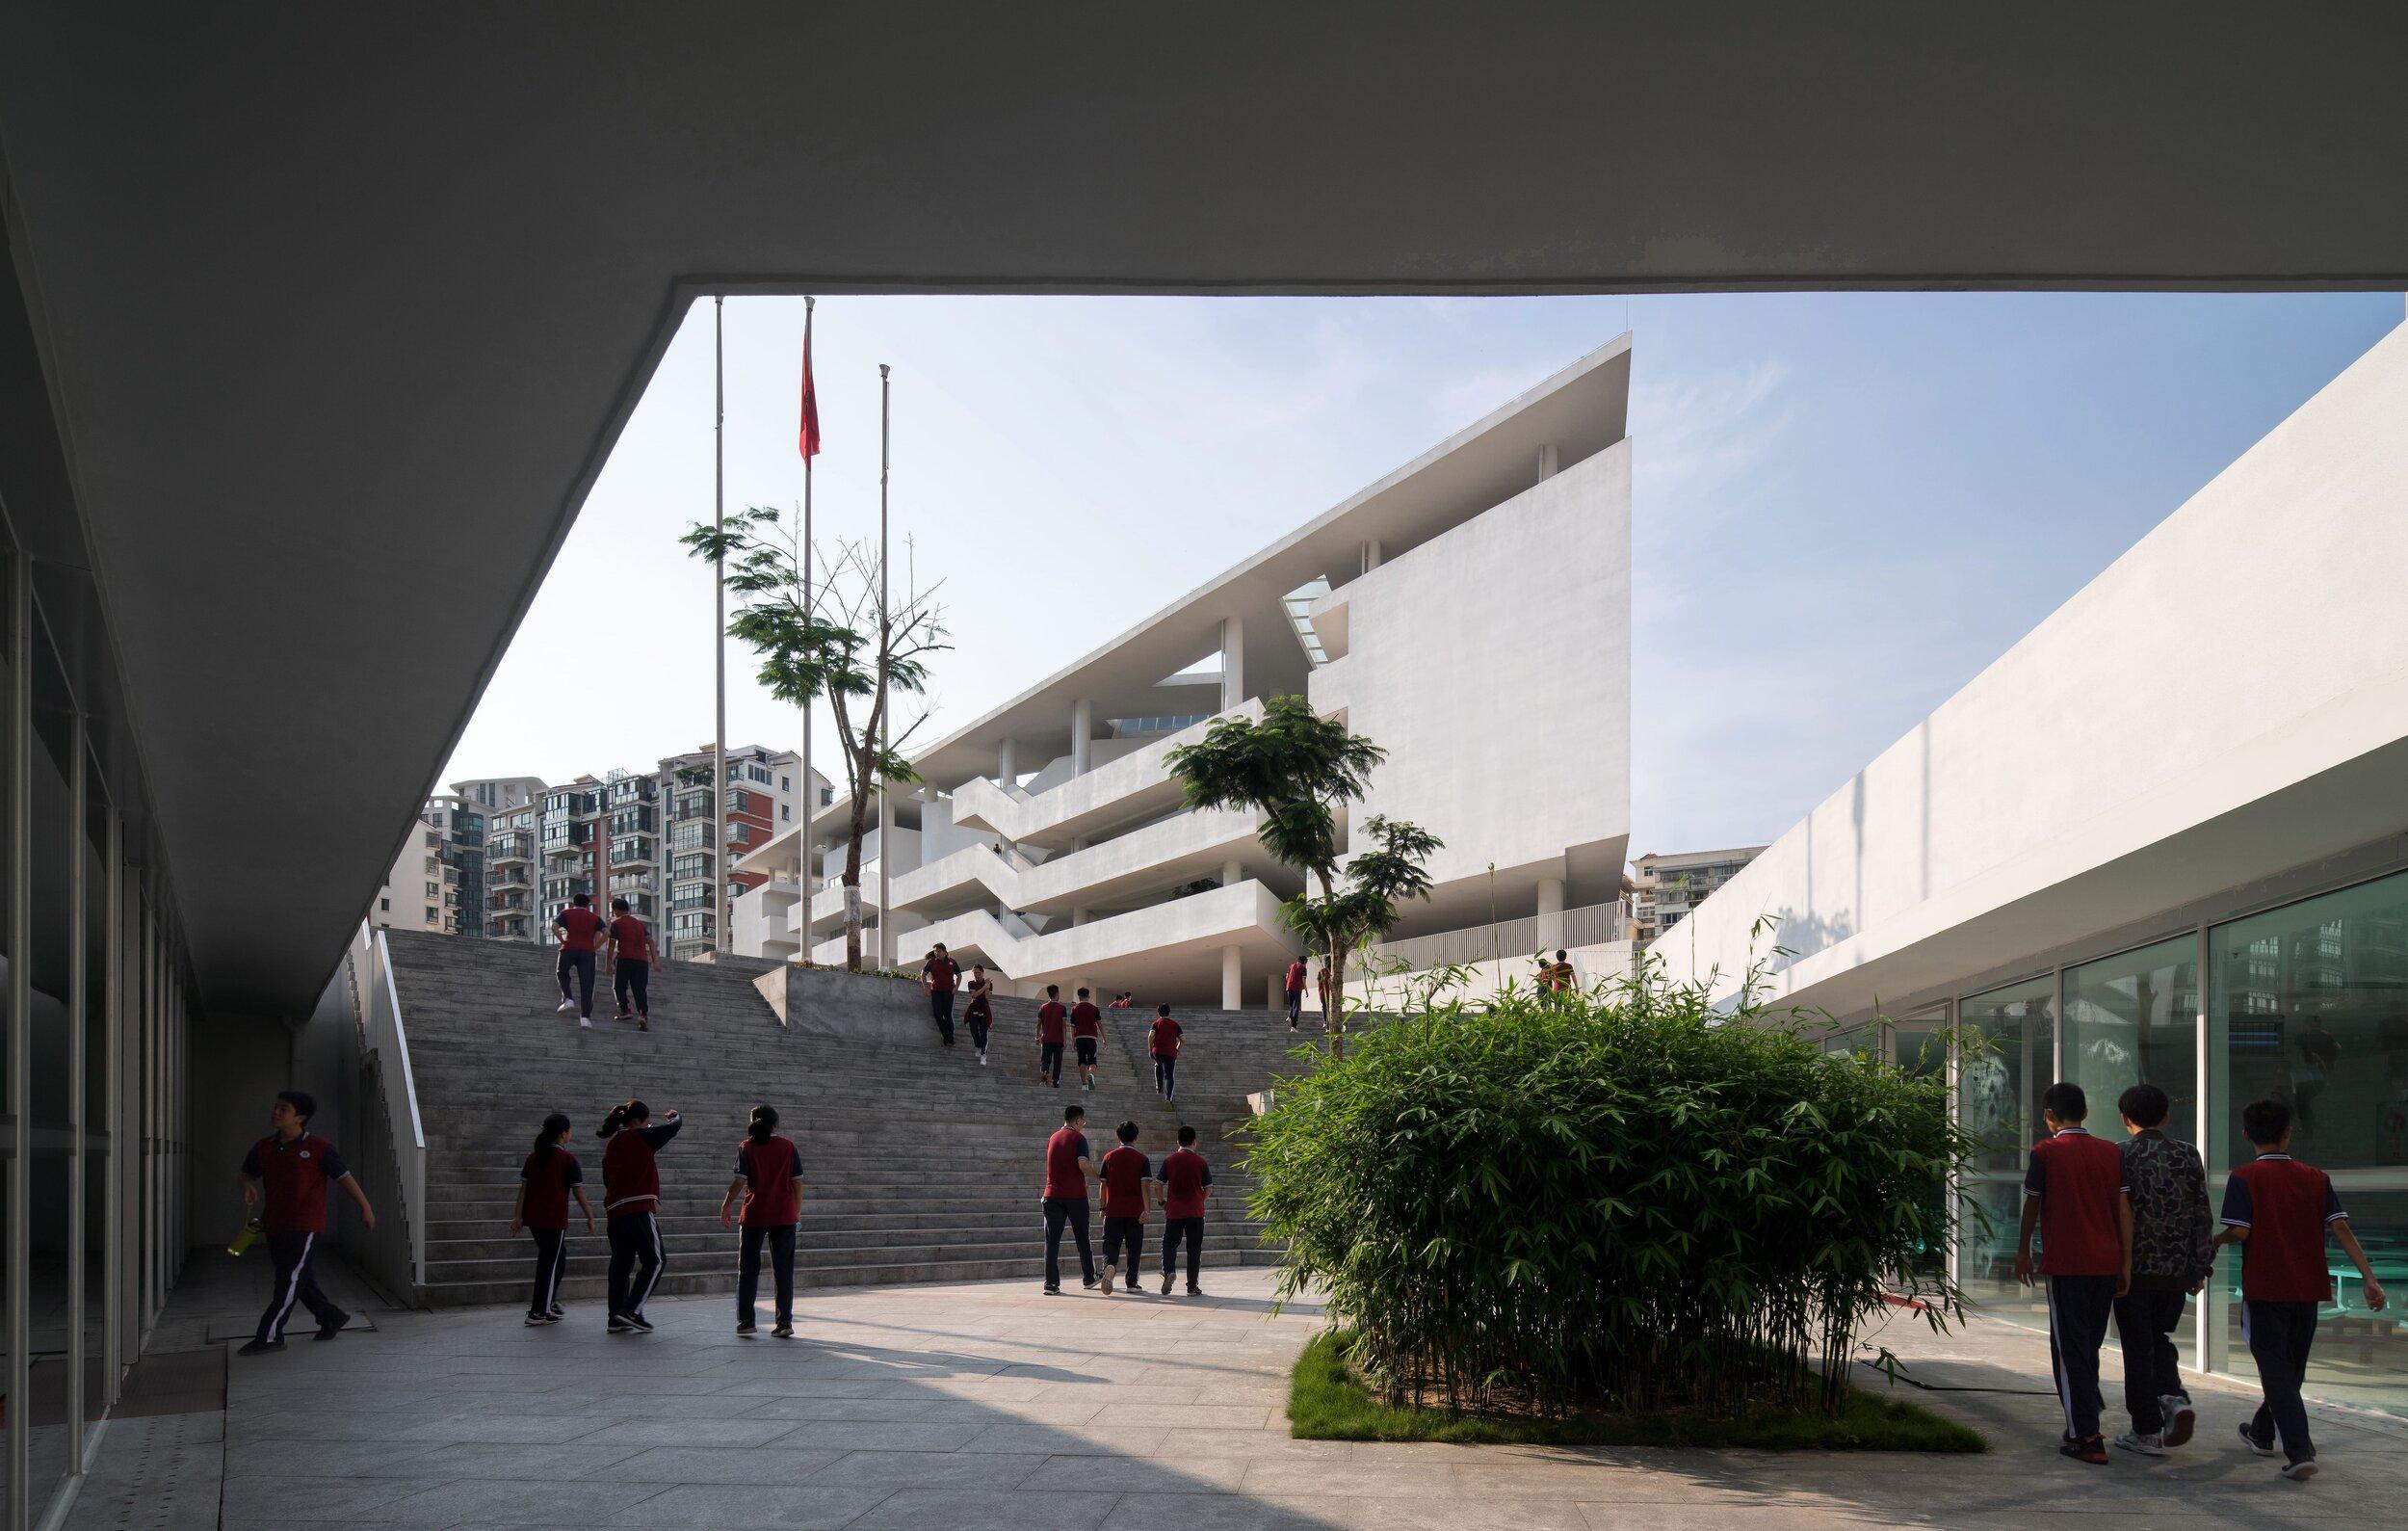 37 食堂下沉廣場 ?是然建筑攝影  Canteen sunken plaza ?Schran Images.jpg